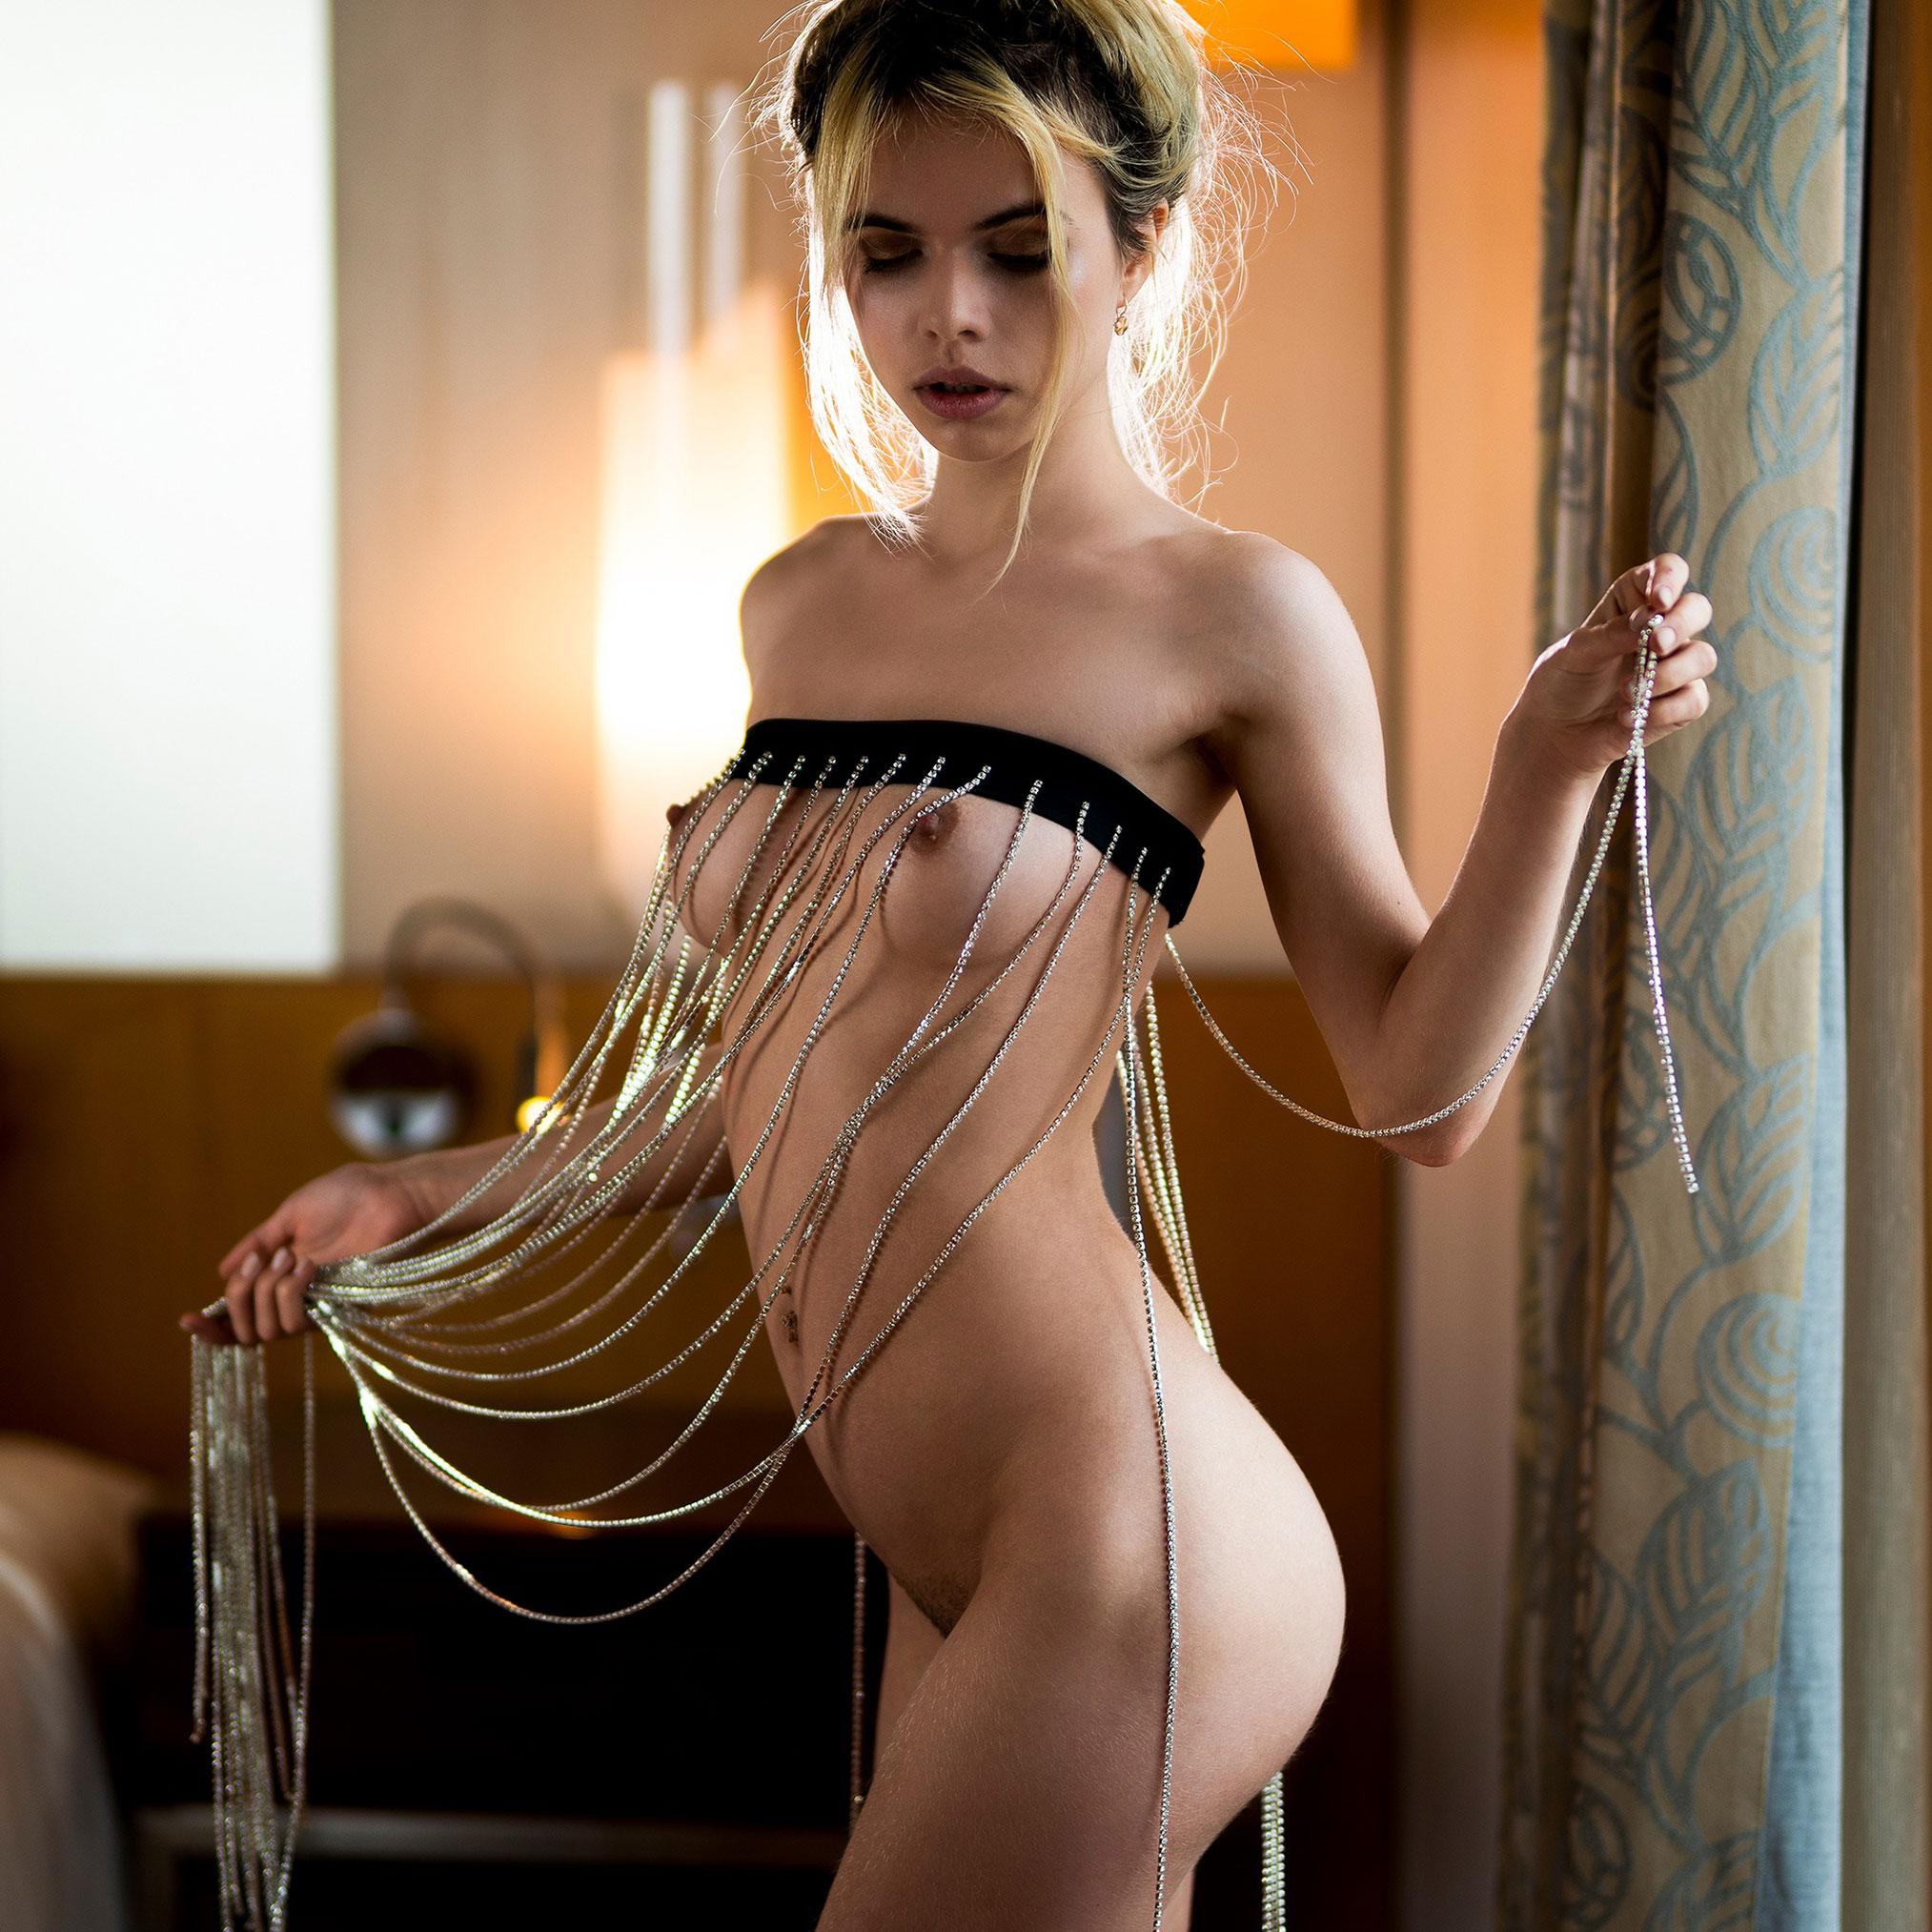 Нестандартное ожерелье на голой Александре Смеловой / фото 02